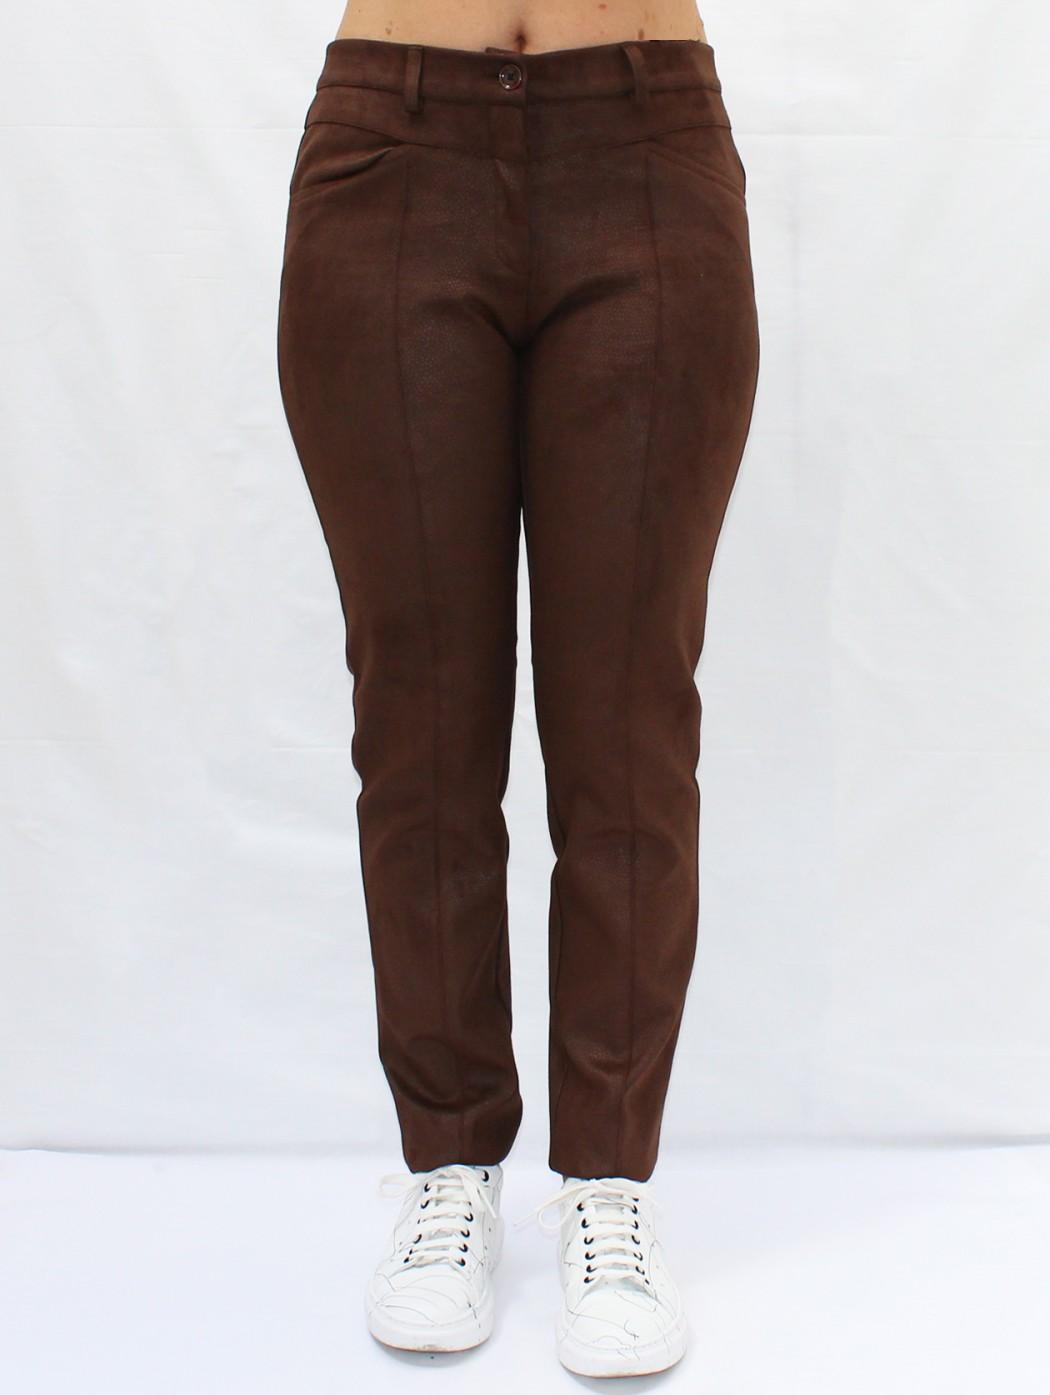 Pantaloni marrone alcantara...